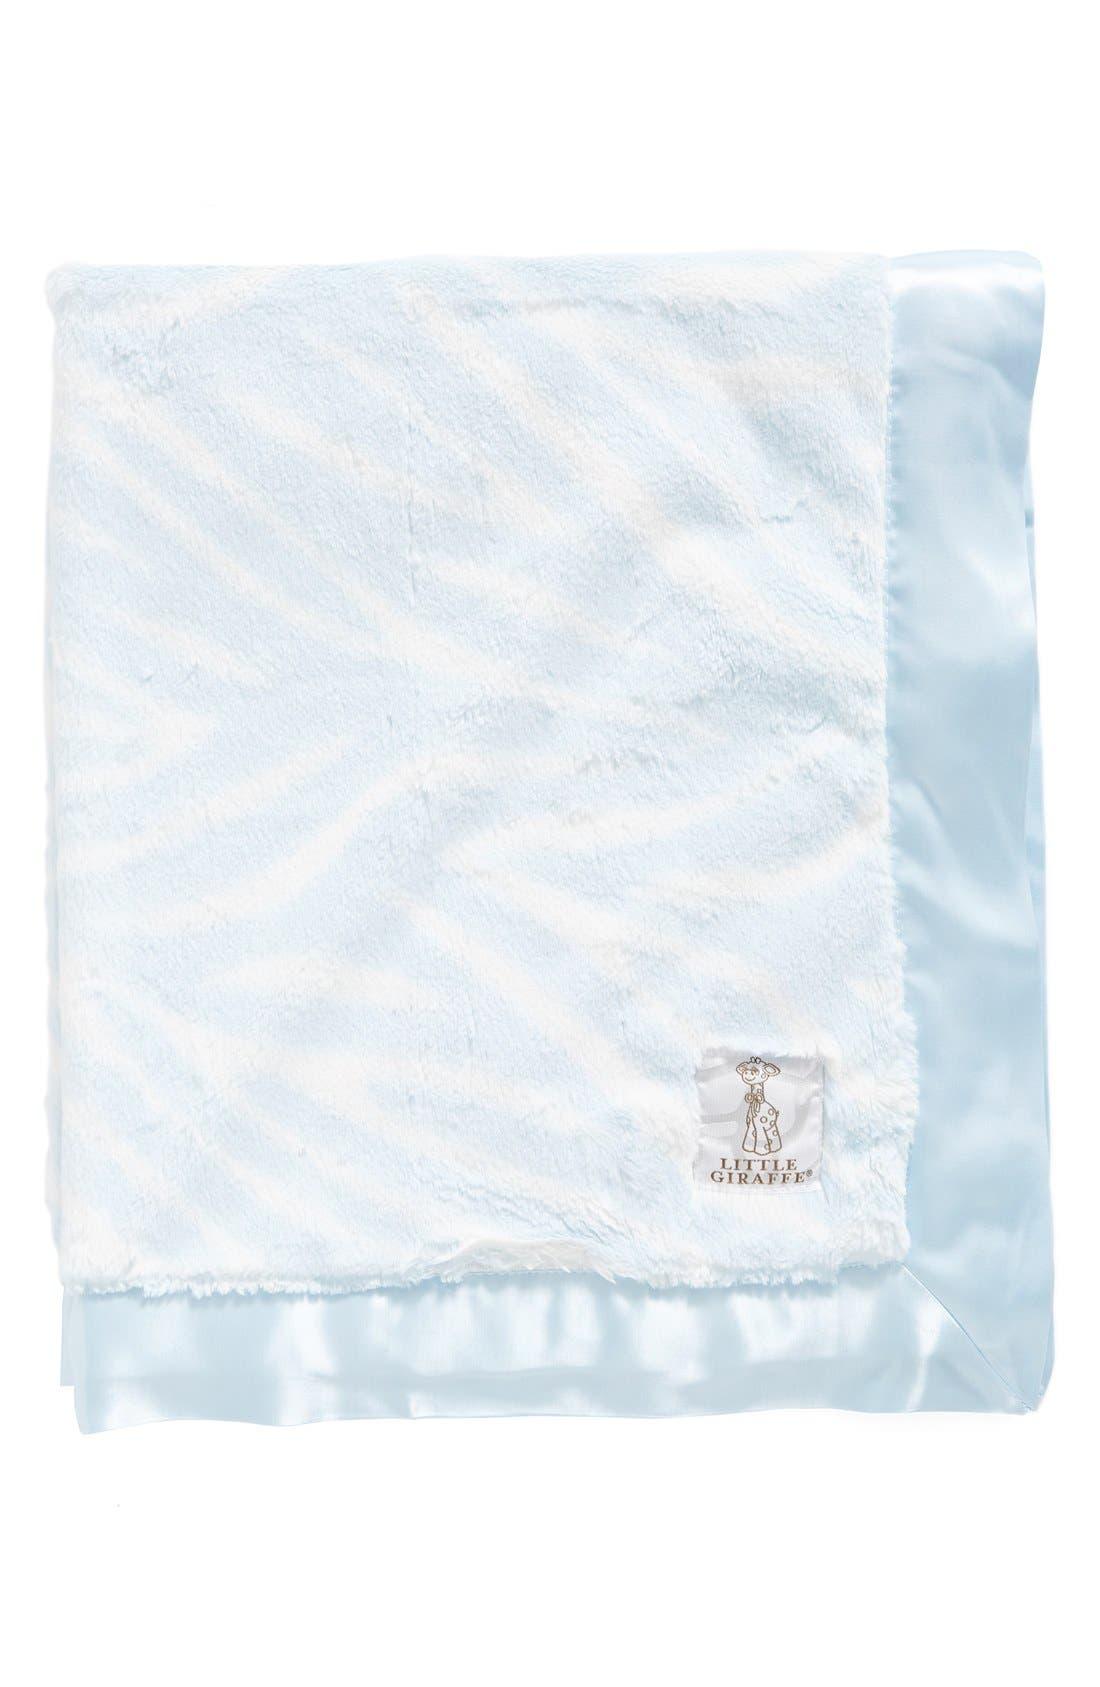 Main Image - Little Giraffe Luxe™ Zebra Print Blanket